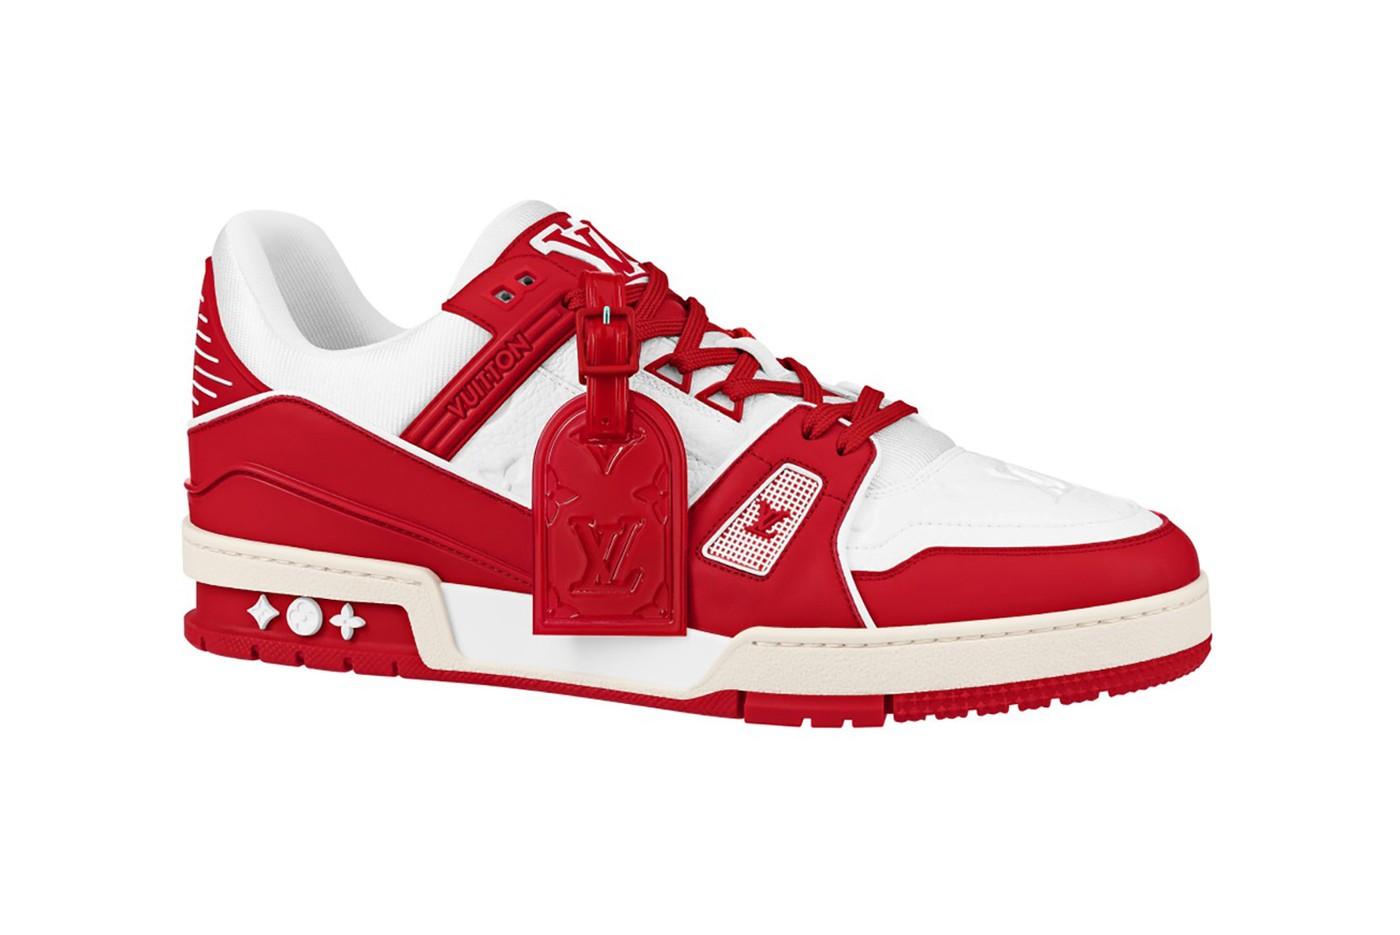 Кроссовки Louis Vuitton I (RED) фото